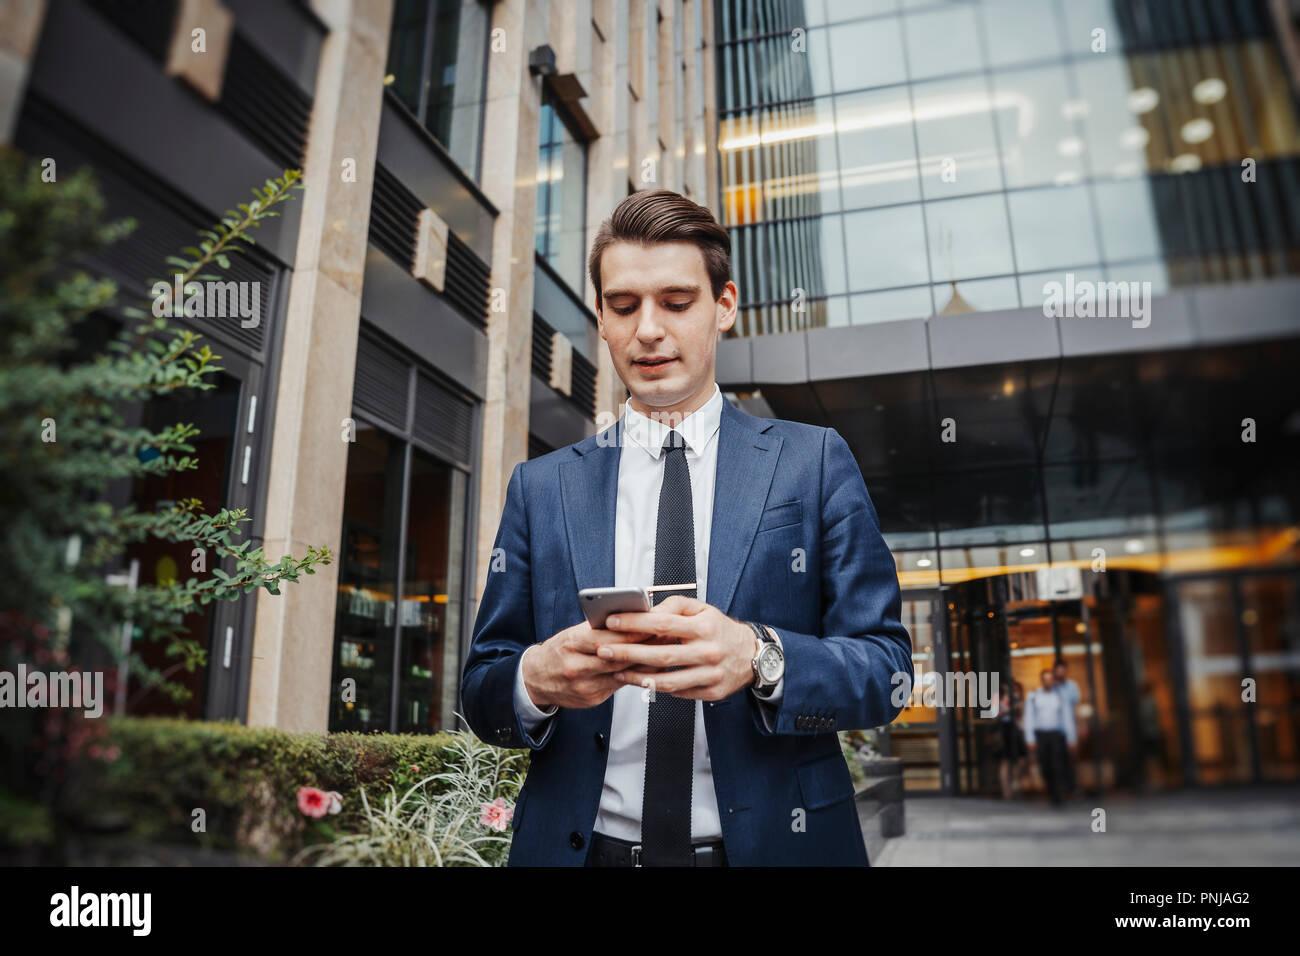 Close up of businessman à côté de l'édifice, catégorie gratte-ciel à la recherche d'écran de téléphone mobile. Photo Stock